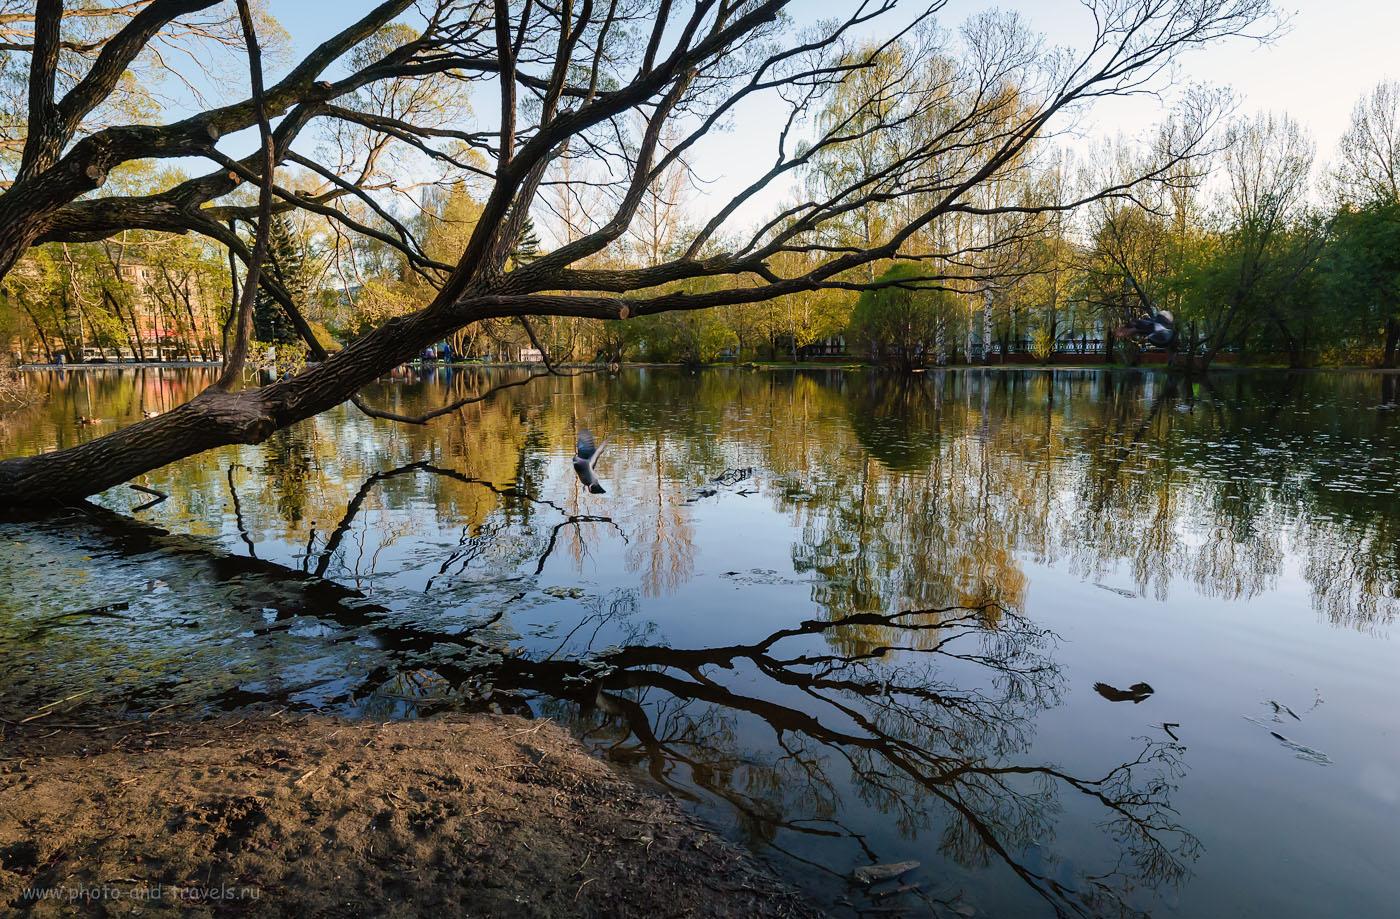 Фотография 19. Весенний парк в Екатеринбурге. Образец фото, снятого на старенький Nikon D200 и объектив Samyang 14/2.8. 1/200, -1.0, 8.0, 320, 14.